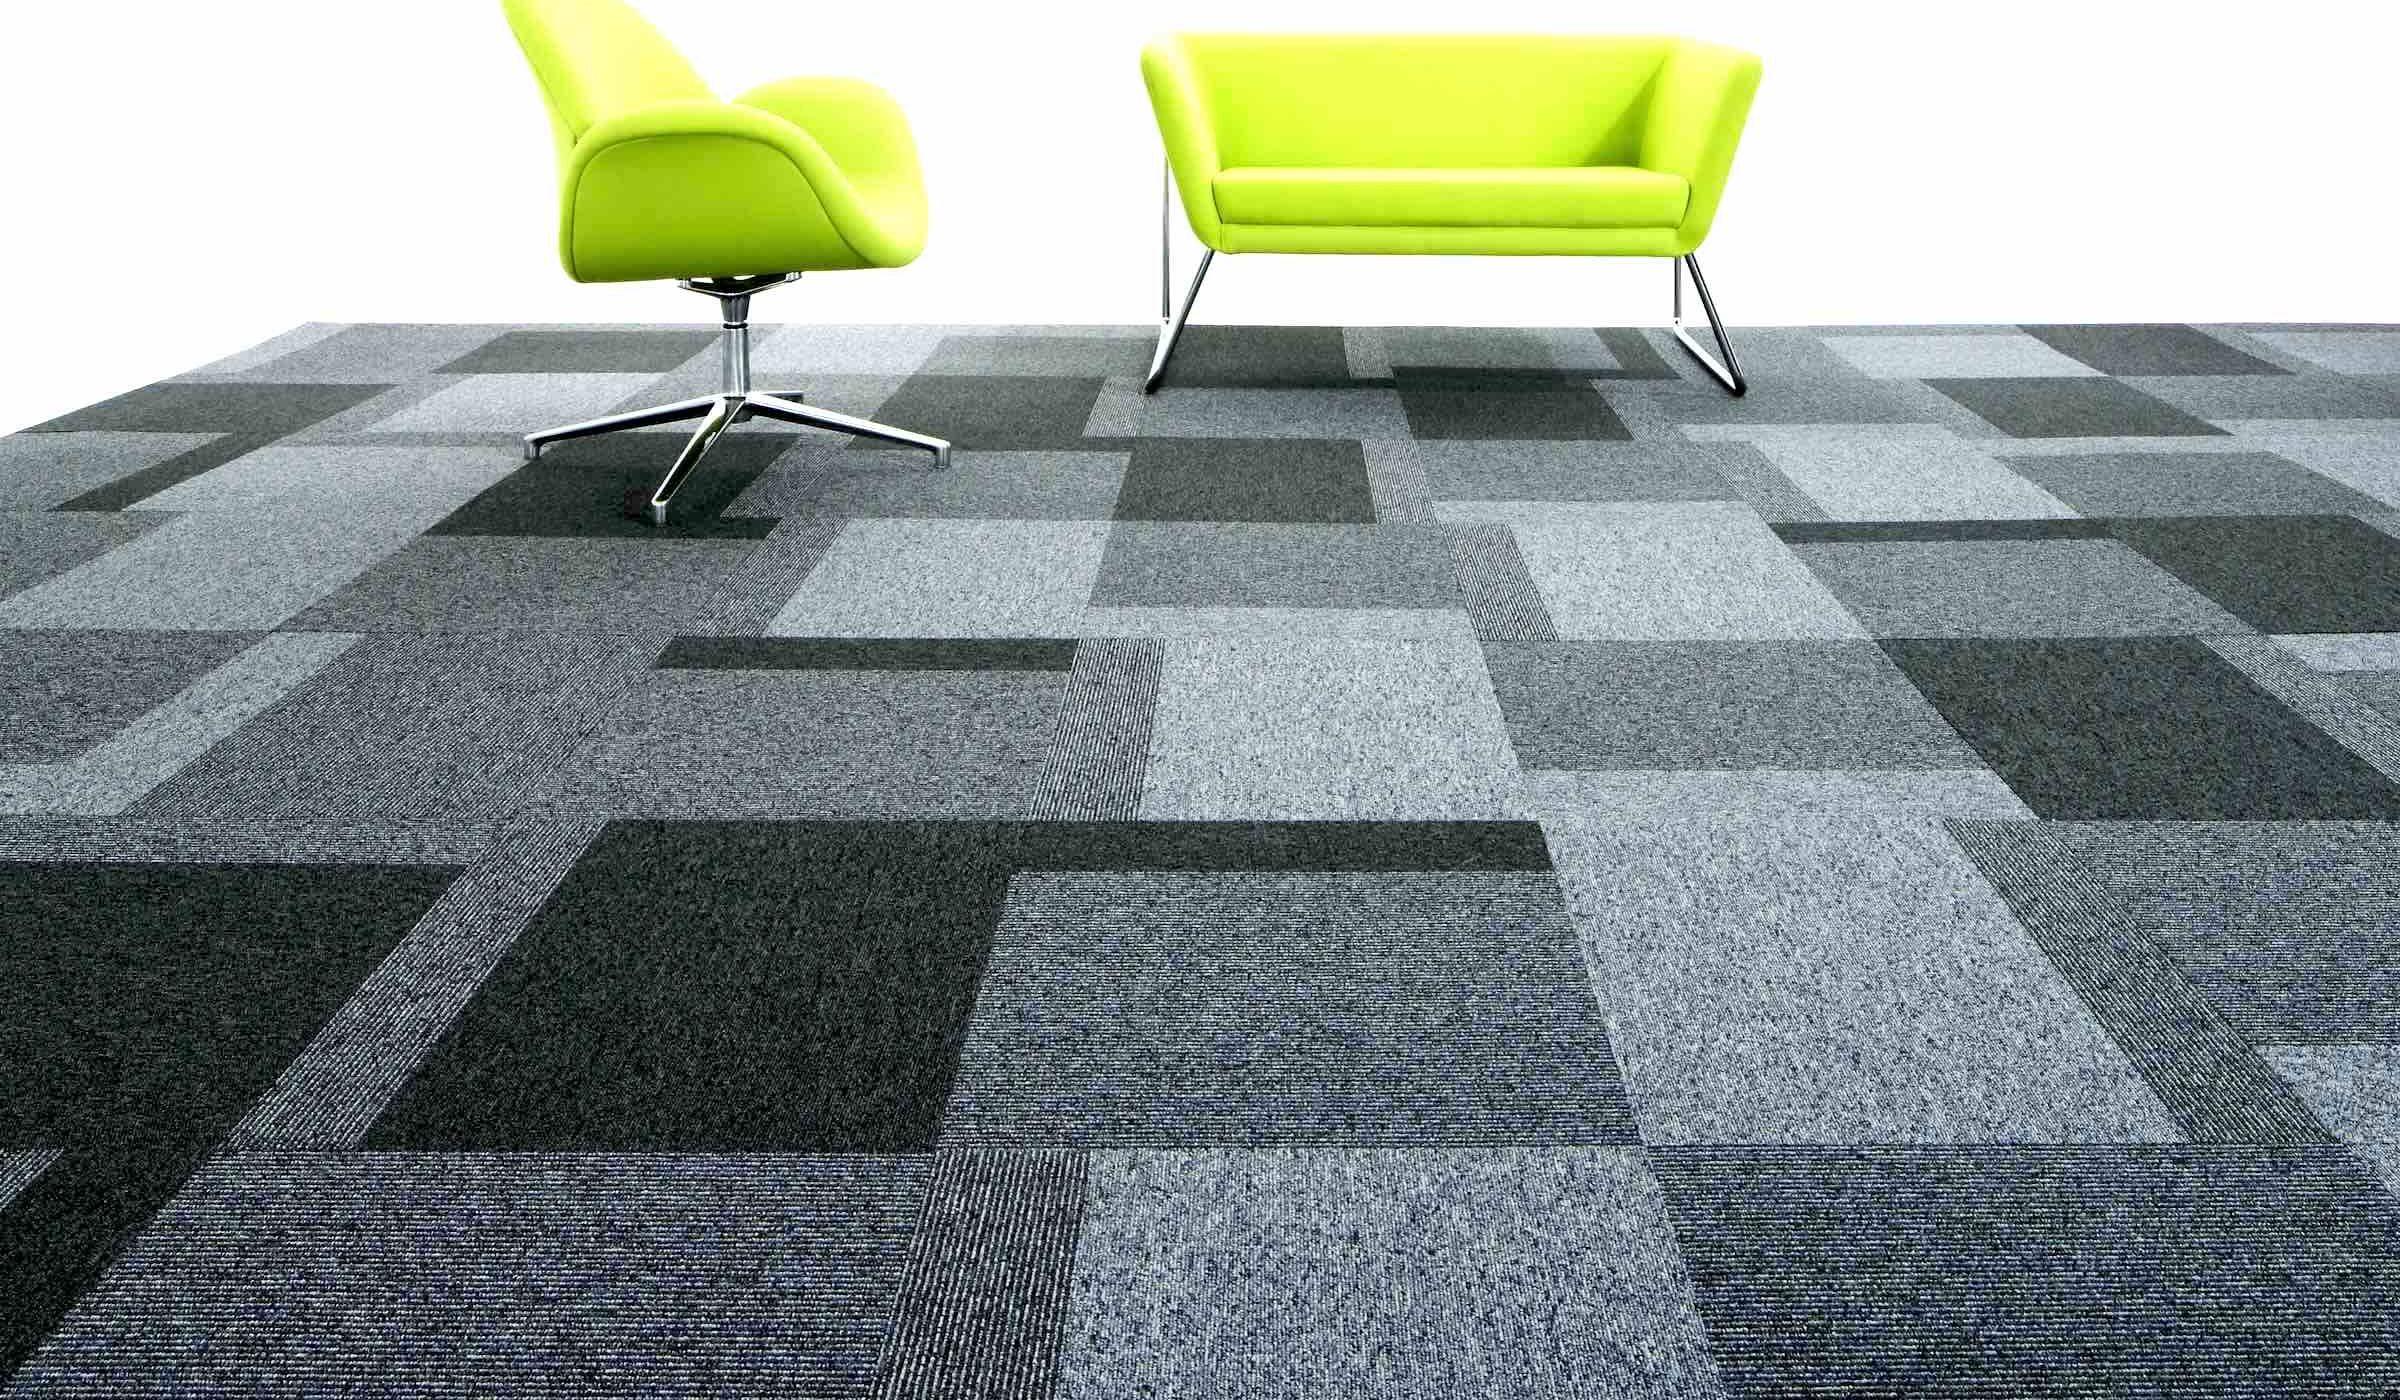 Total Contrast | Paragon Carpet Tiles | Commercial Carpet Tiles | Design Carpet Tiles 9